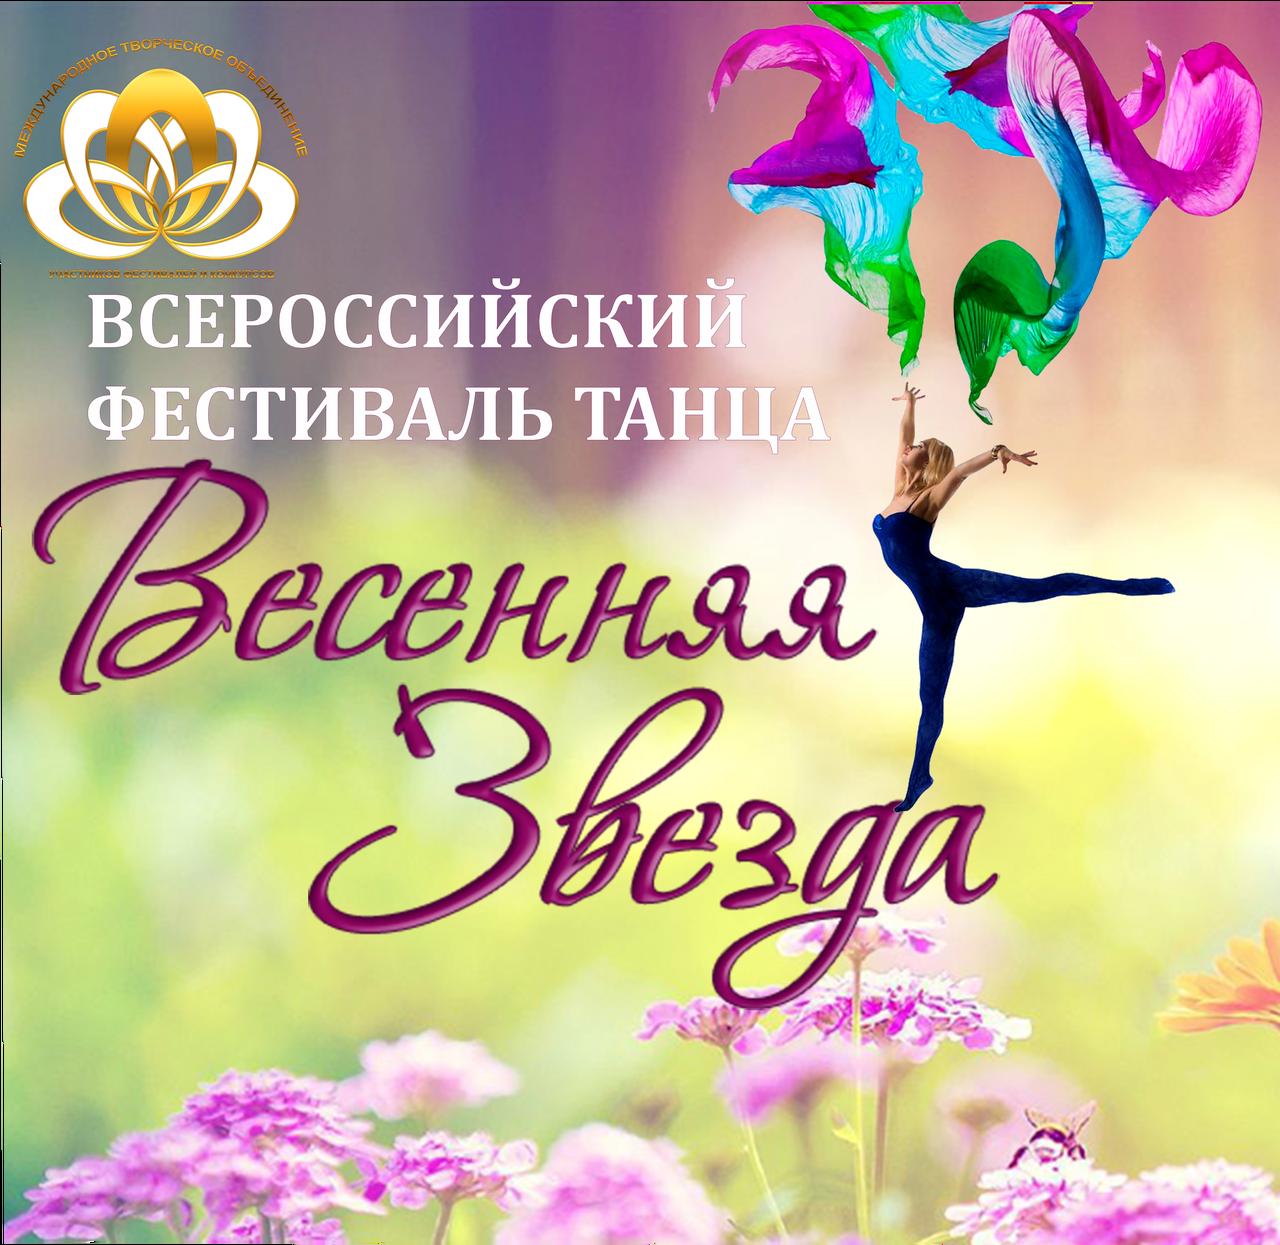 Всероссийский конкурс-фестиваль